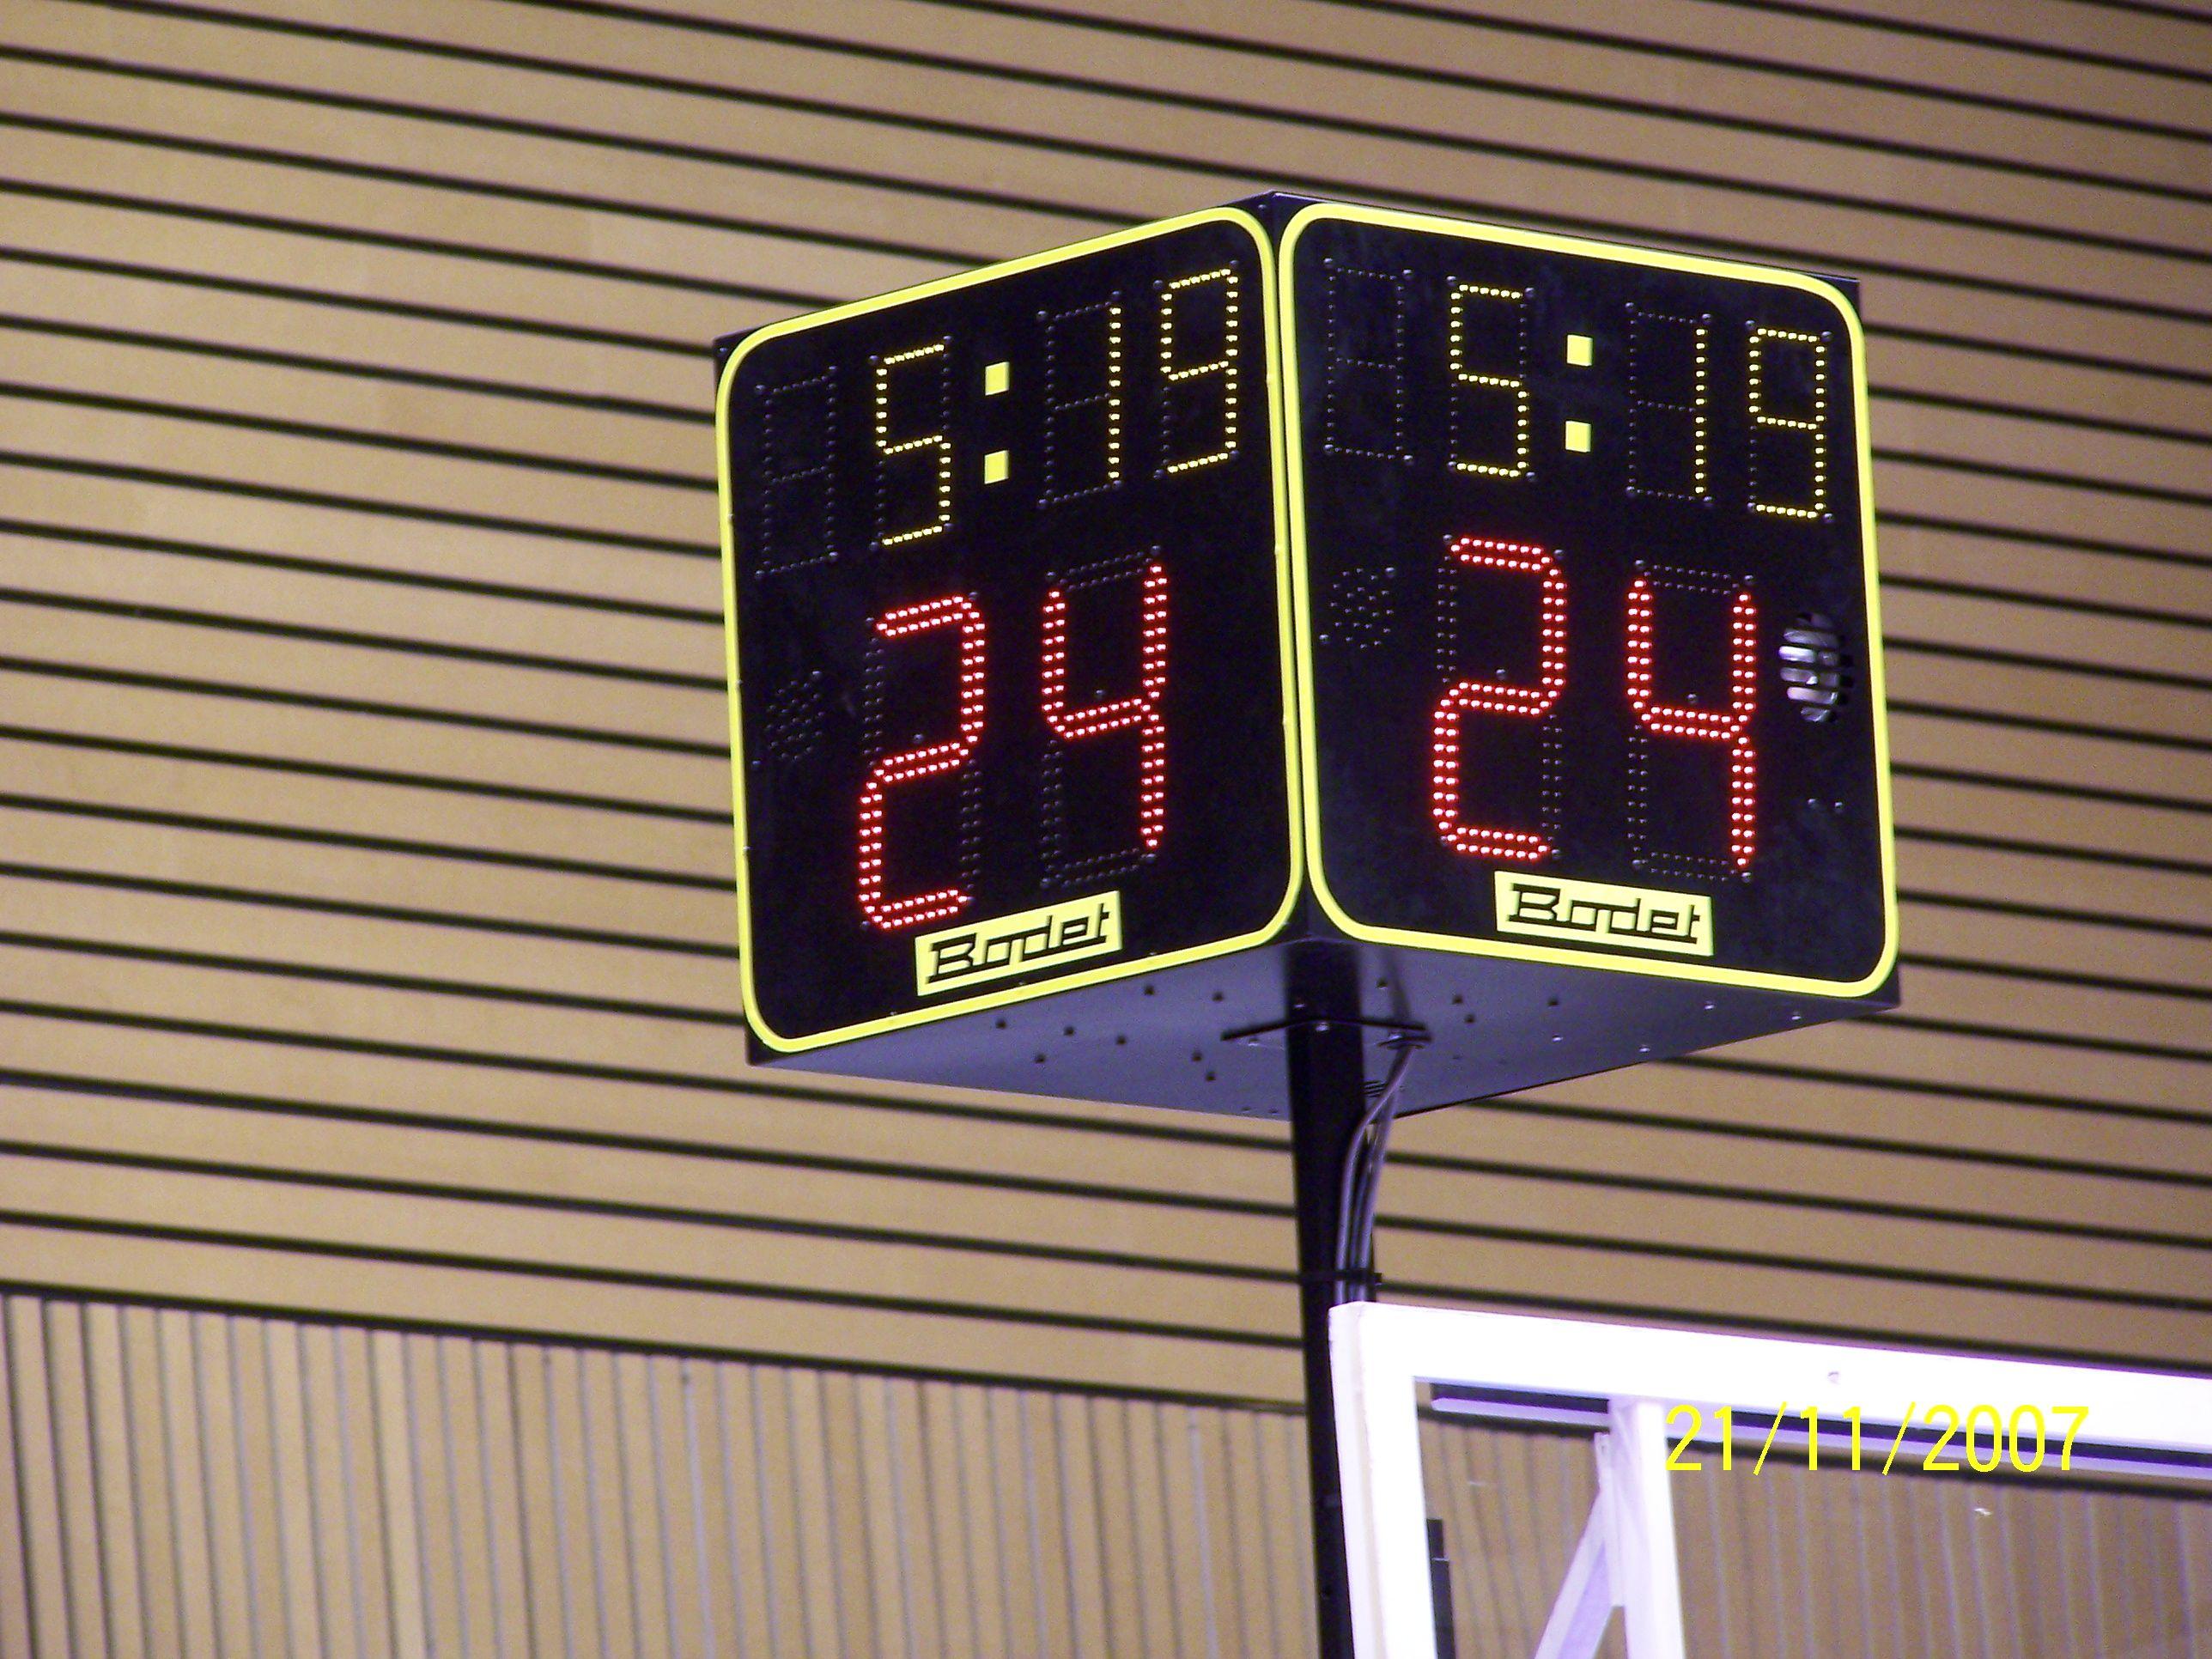 affichage sportif bodet clermont ferrand france scoreboard bodet tableaux d 39 affichage. Black Bedroom Furniture Sets. Home Design Ideas